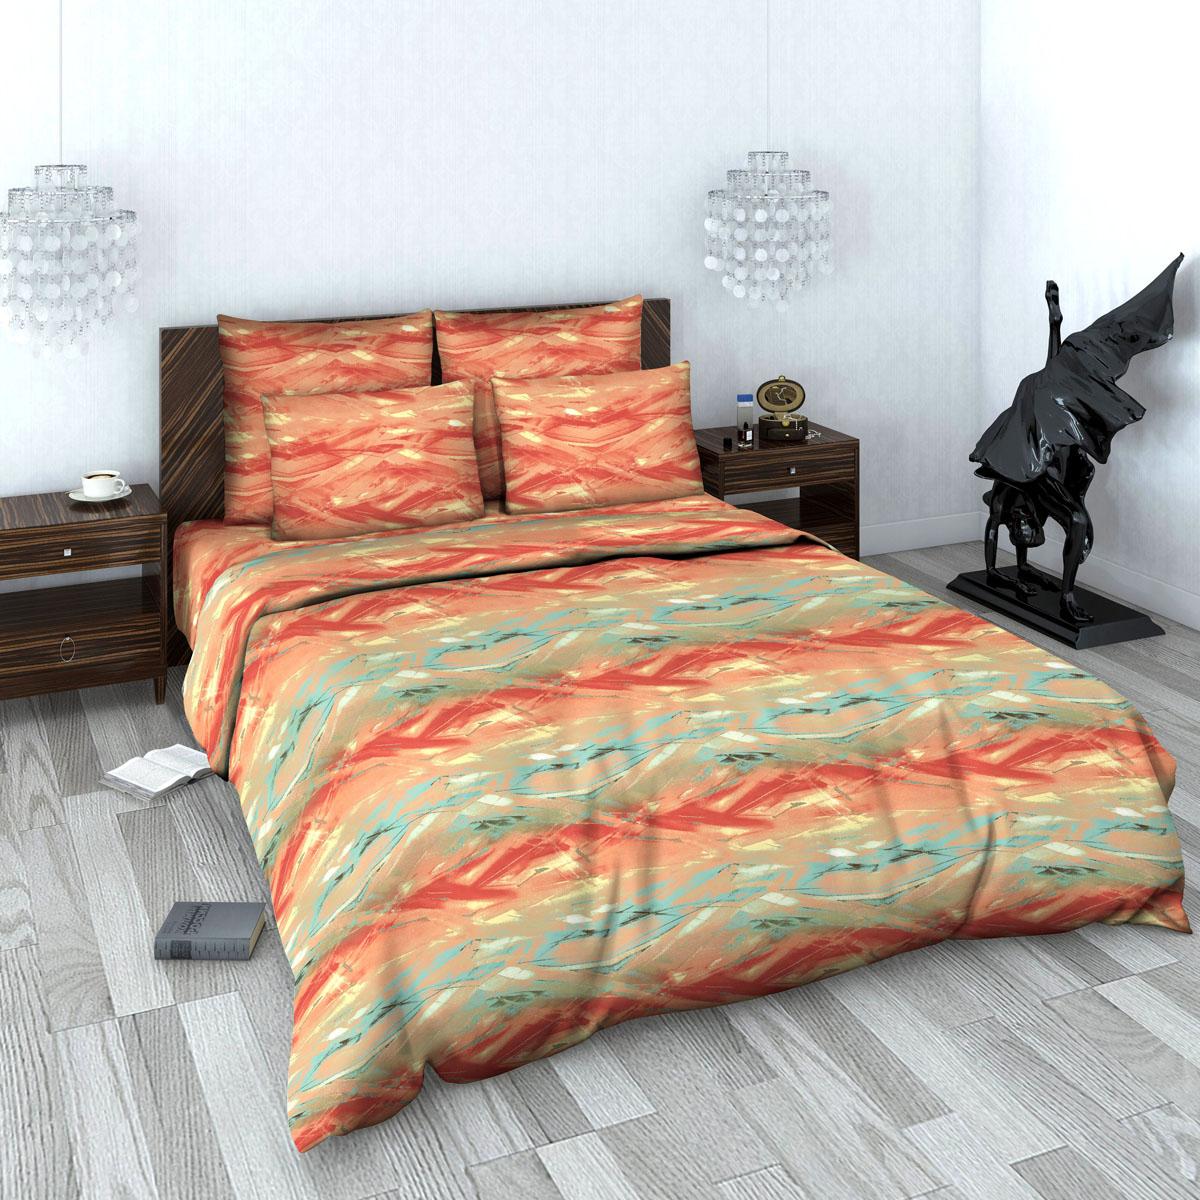 Комплект белья Василиса, 2-х спальное, наволочки 70х70. 616_1/2616_1/2Комплекты постельного белья Василиса коллекции Люкс (из сатина, 100% хлопок) - это российский продукт высочайшего качества ткани, с полноценной евро-простыней и дизайнерскими расцветками. Ткань очень приятна на ощупь, блестящая и плотная. Сатиновое постельное белье долговечно и выдерживает большое число стирок.